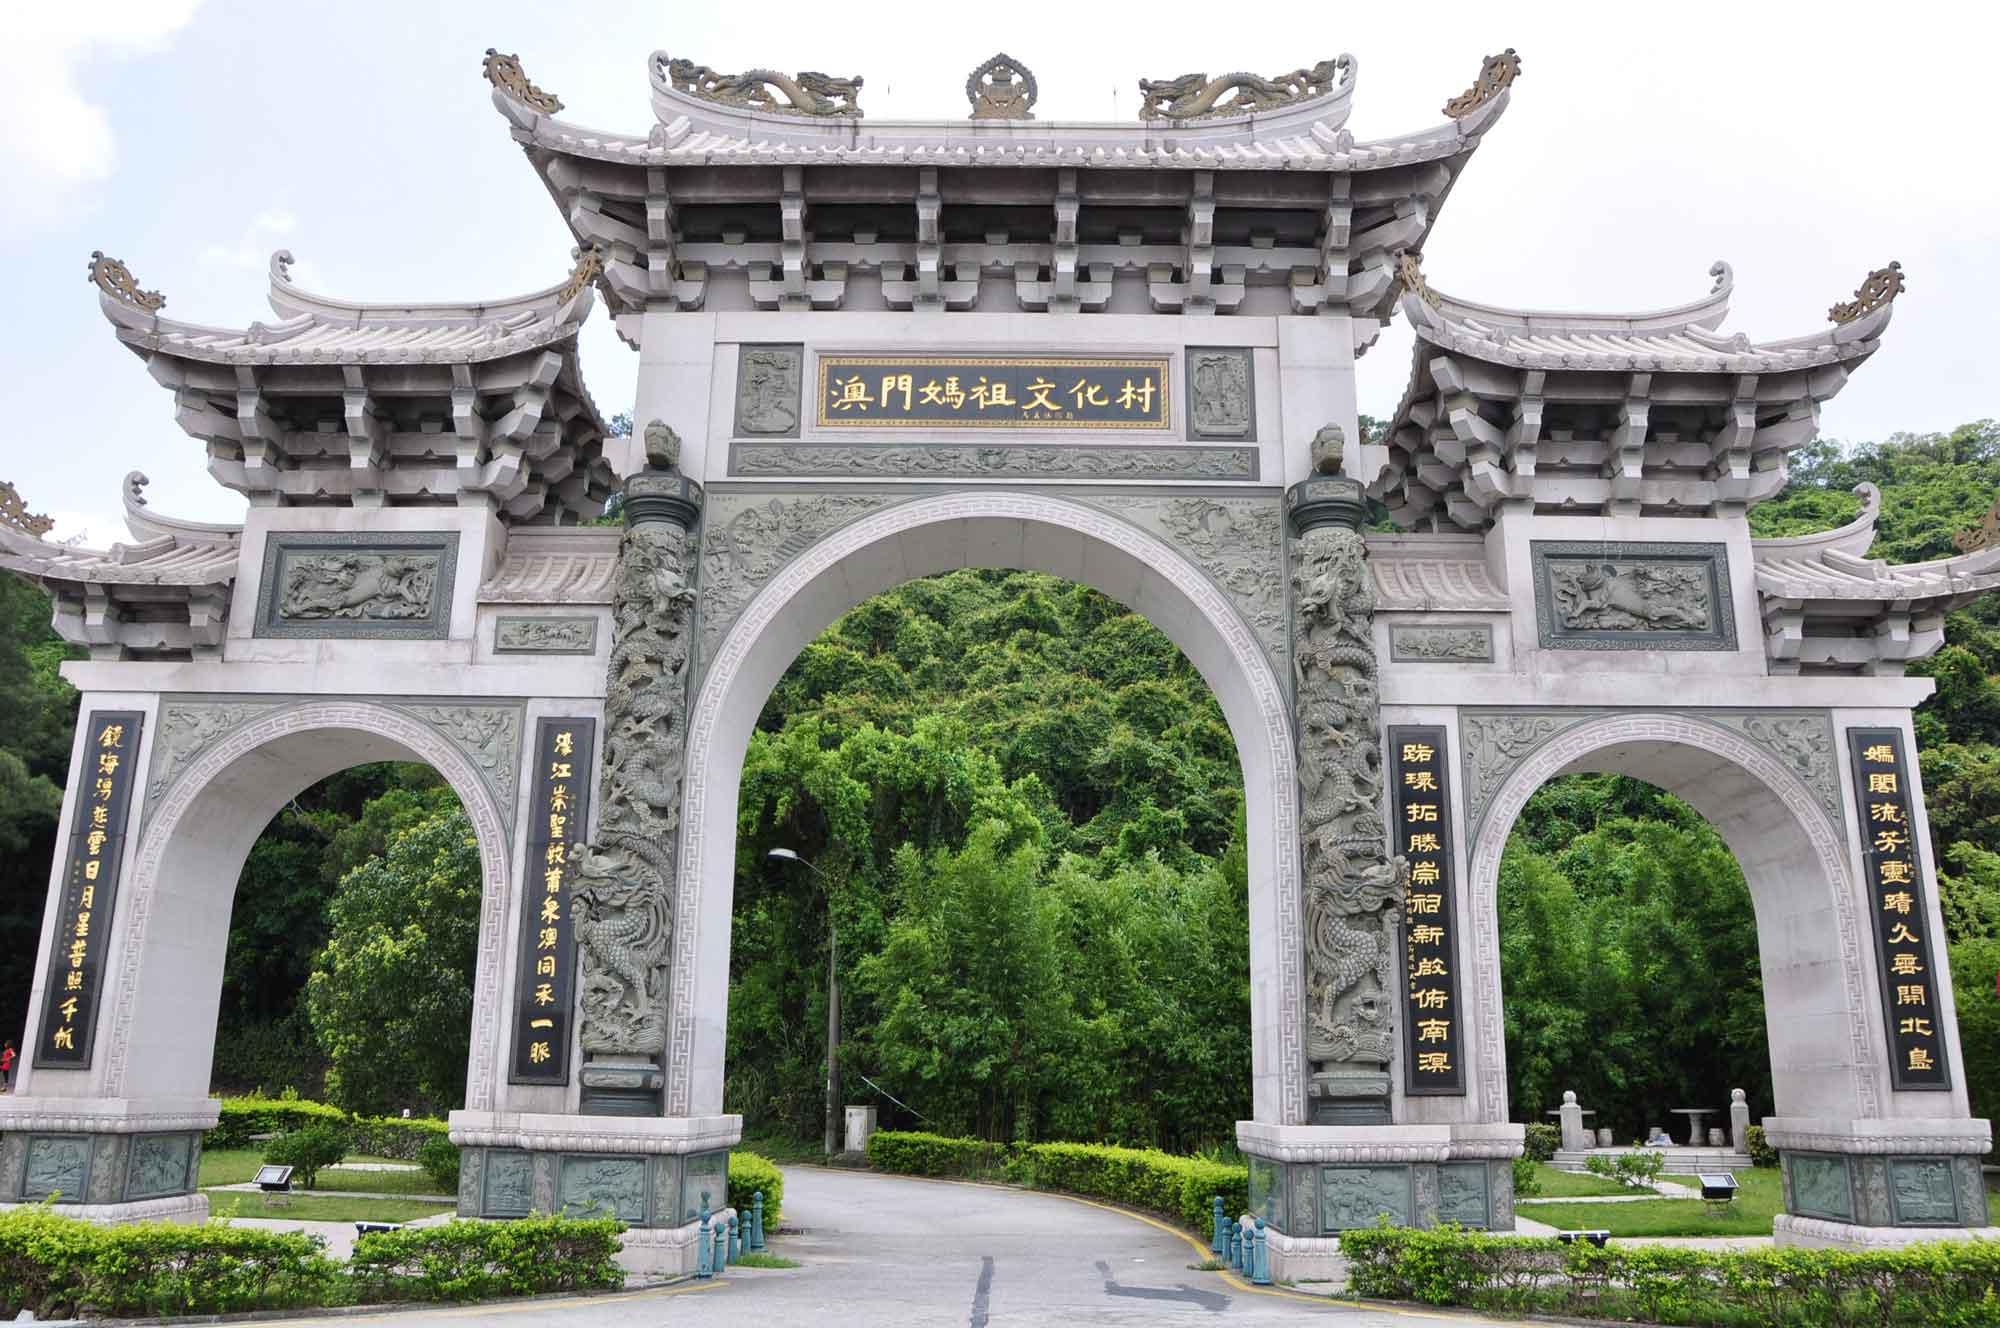 A Ma Cultural Village gate